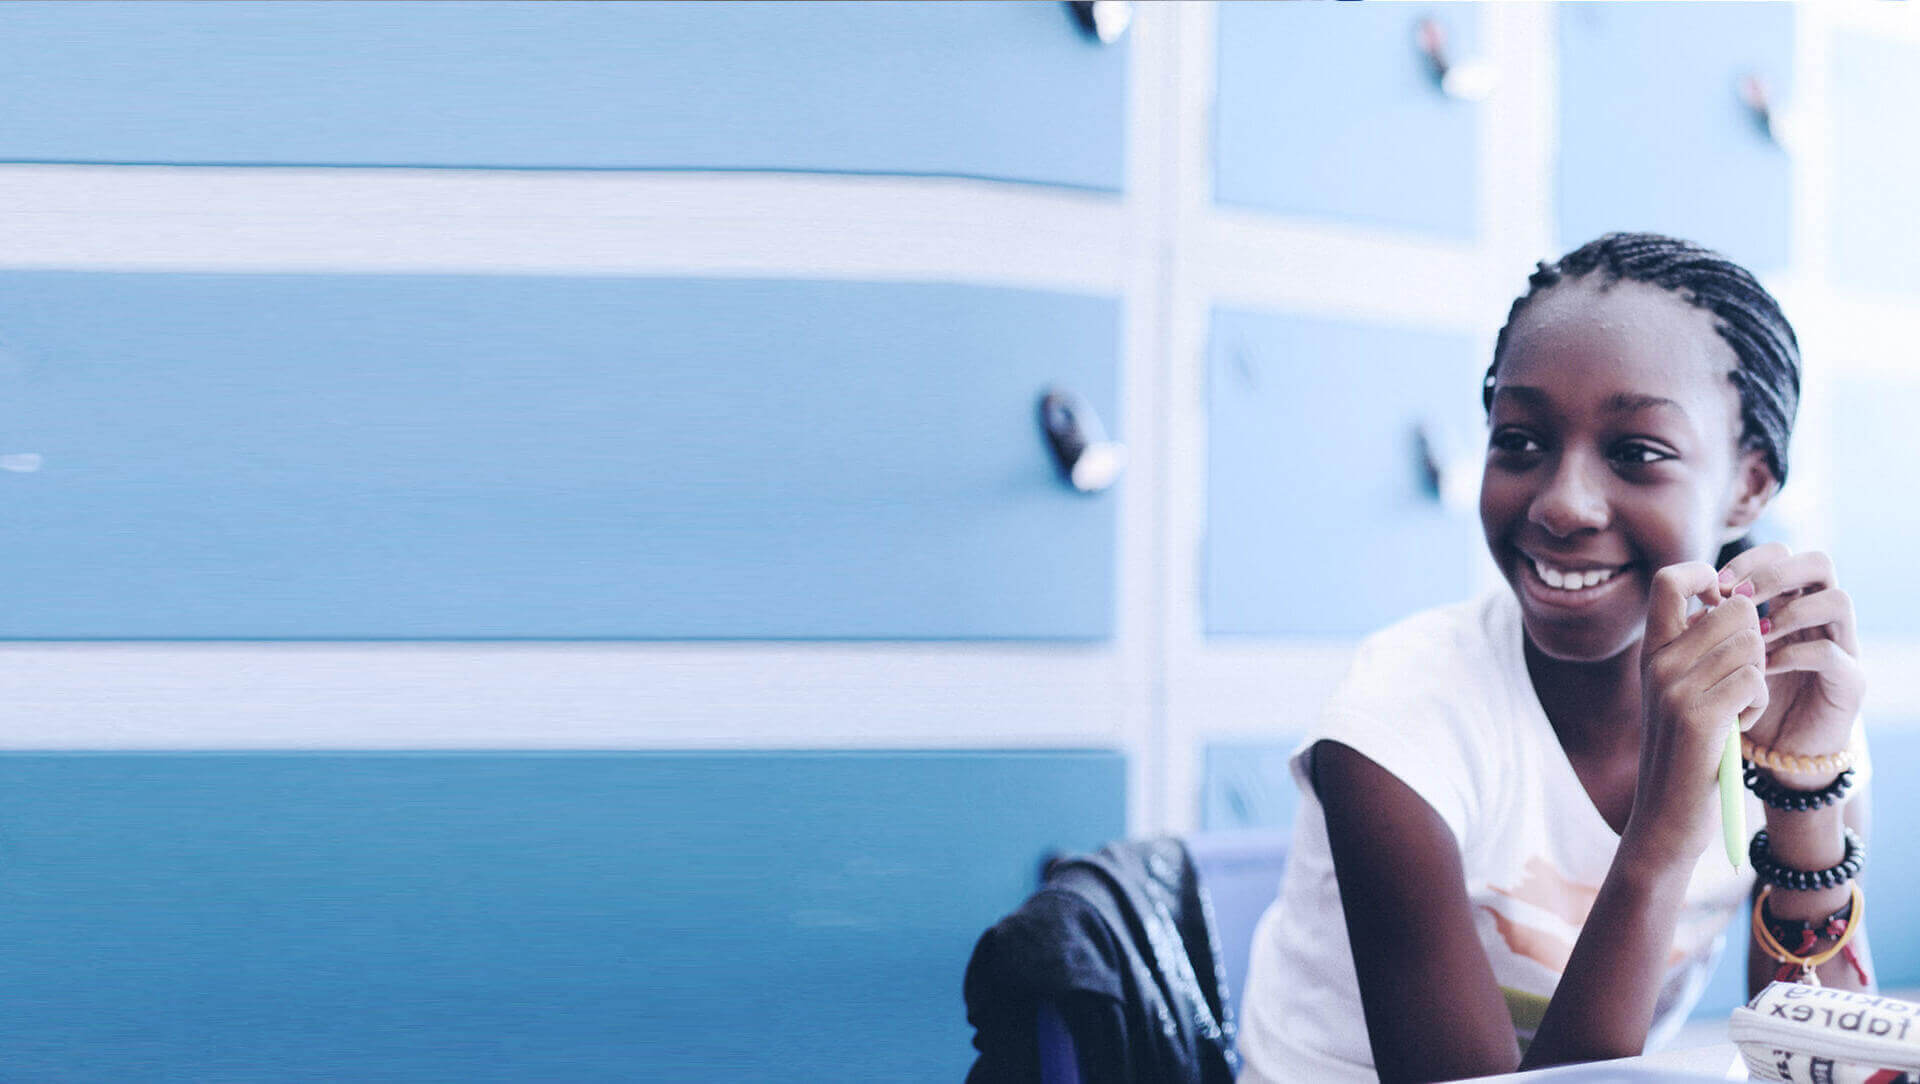 Séjours linguistiques anglais ado : apprendre l'anglais dès l'adolescence